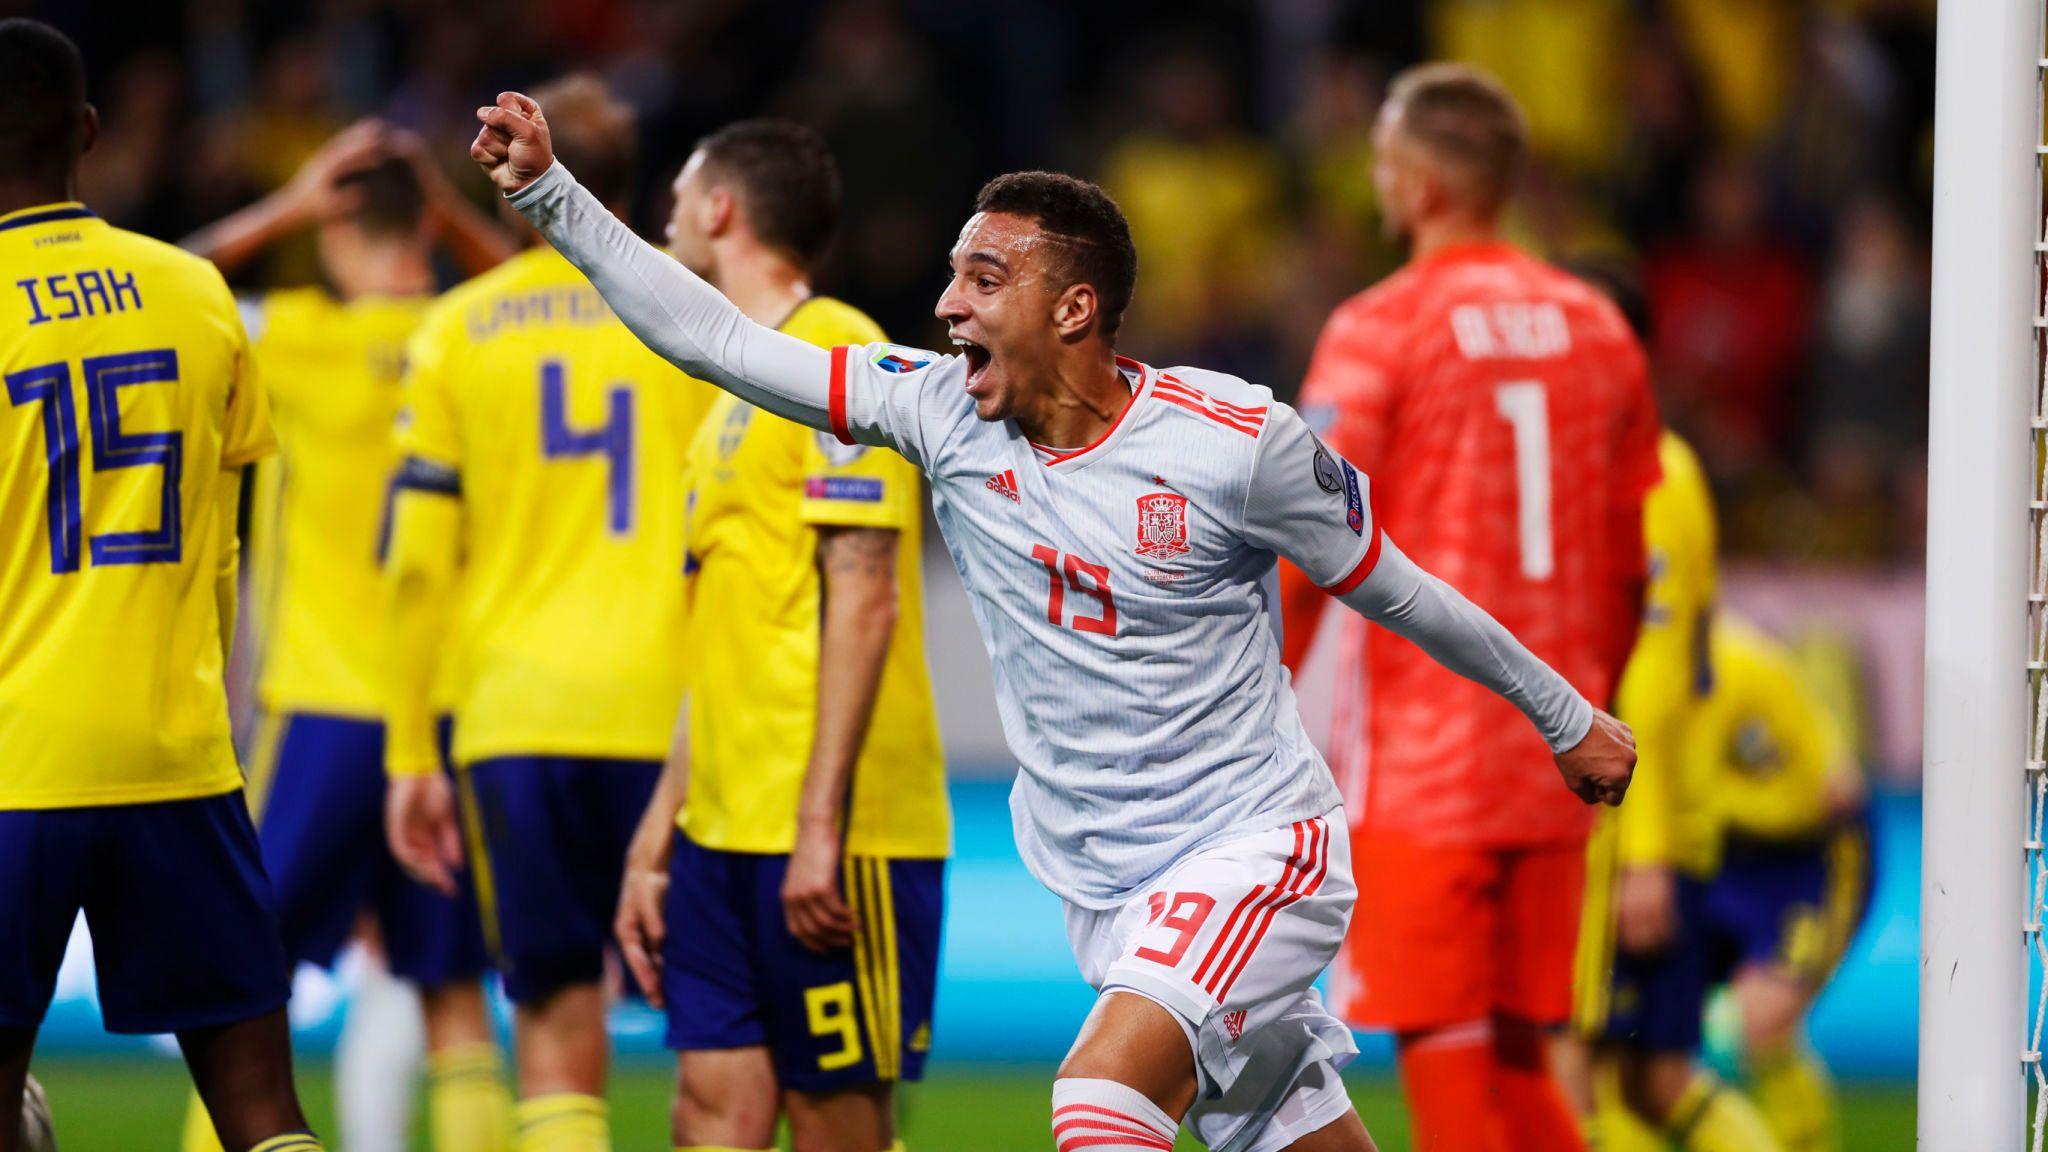 स्वीडेनसँग हारबाट मुस्किलले बचेको स्पेन युरो कपमा छानियो